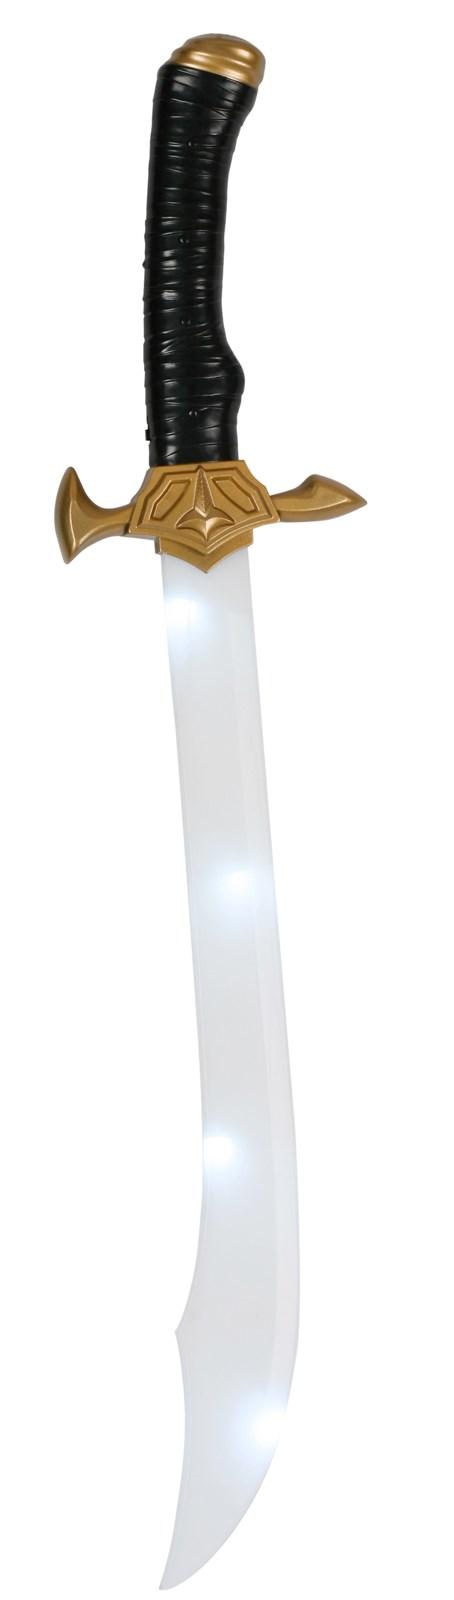 Light Up Sword For Kids